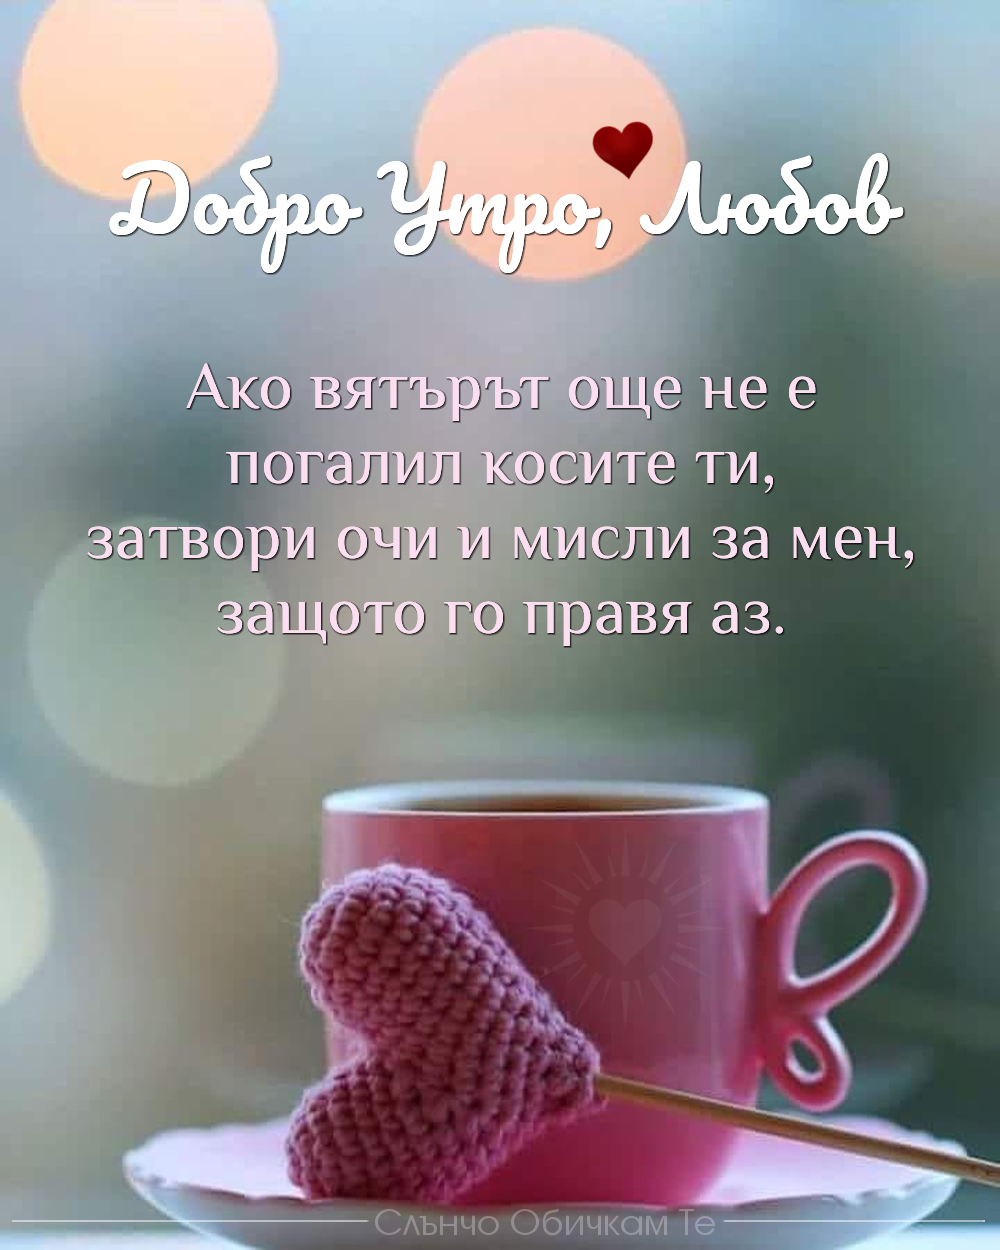 Ако вятърът още не е погалил косите ти, затвори очи и мисли за мен, защото го правя аз - пожелания за добро утро, добро утро и усмихнат ден, добро утро и слънчев ден, добро утро сърце, добро утро кафе, добро утро любов, хубав ден, щастлив ден, усмихнат ден, затвори очи, обичам те, целувам те, любов, пожелания за добро утро, добро утро с фраза